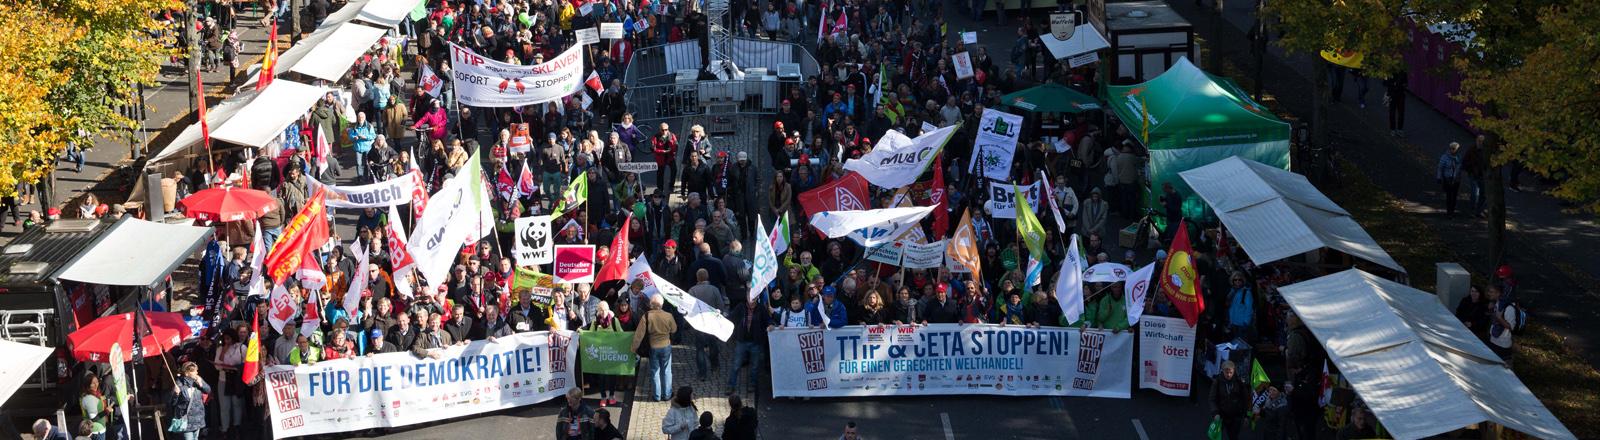 Mehrere tausend Menschen nehmen am 10.10.2015 in BCetaerlin mit Plakaten und Mottowagen an einer Demonstration gegen das transatlantische Handelsabkommen TTIP (USA) und Ceta (Kanada) teil.